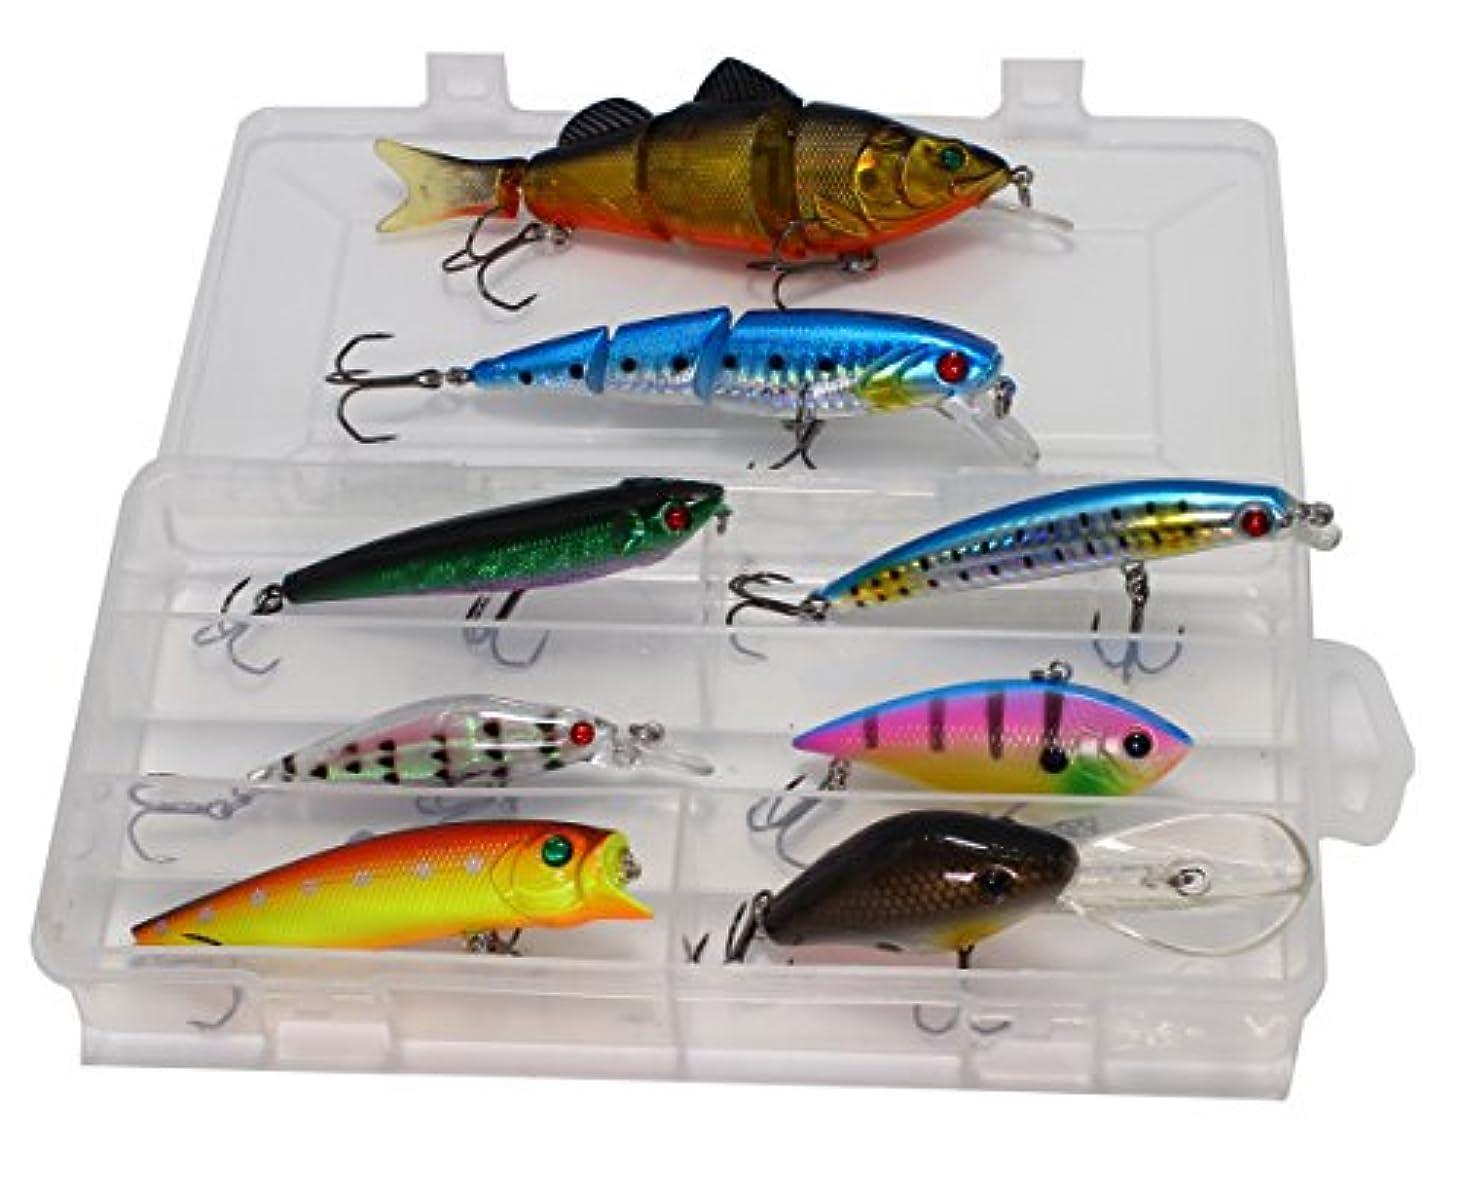 バブルクロニクル気質LotFancy 8個釣りルアー餌キットIncluding multi-jointed Swimbaits、Crankbaits、ミノールアーのWalleye Bass Troutサーモン、ストレージタックルボックス